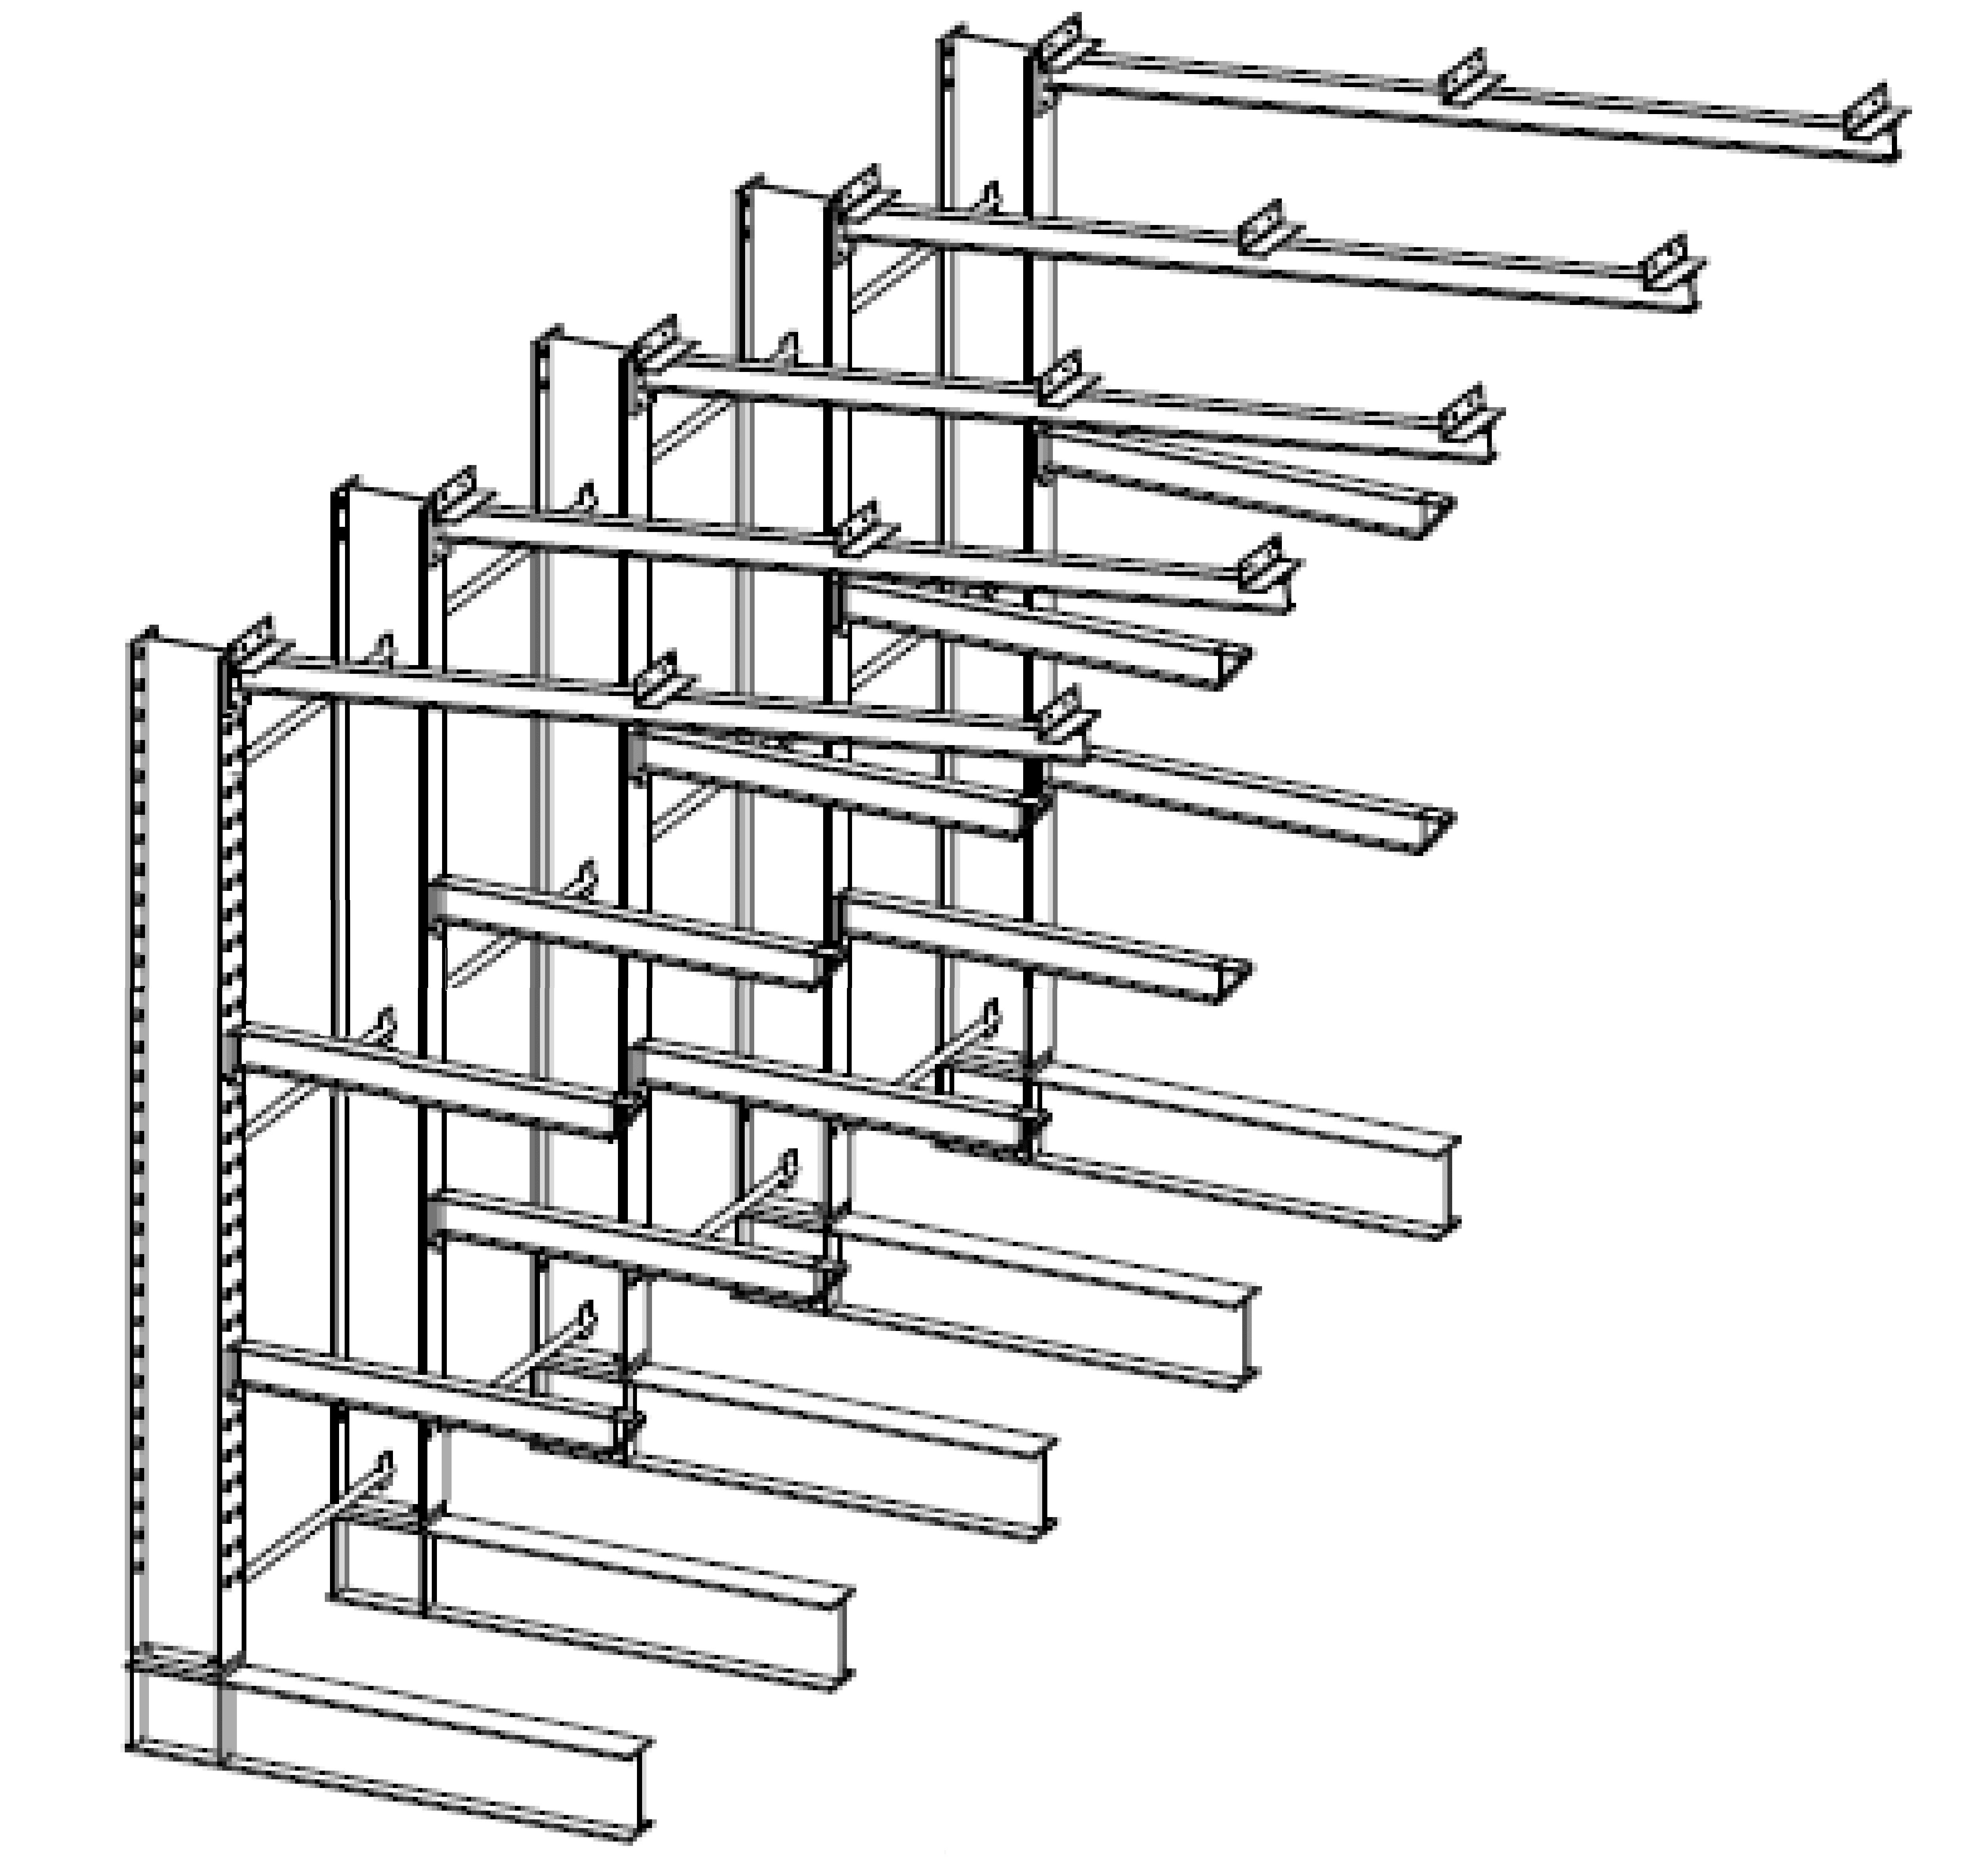 Enkelzijdige zware volbad verzinkte draagarmstelling met dakarmen voor buiten en met 3 niveaus van 1.200 mm diep.